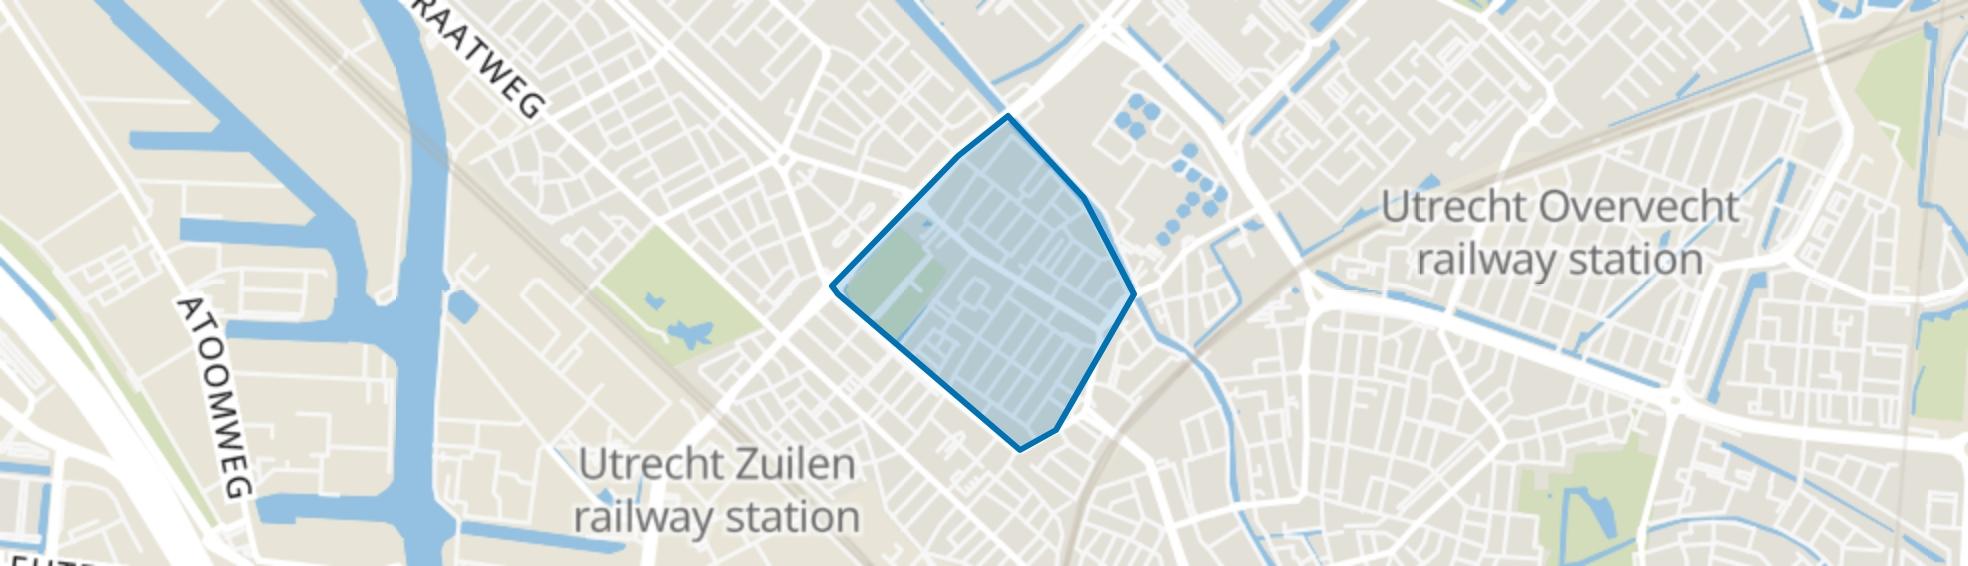 Ondiep, Utrecht map